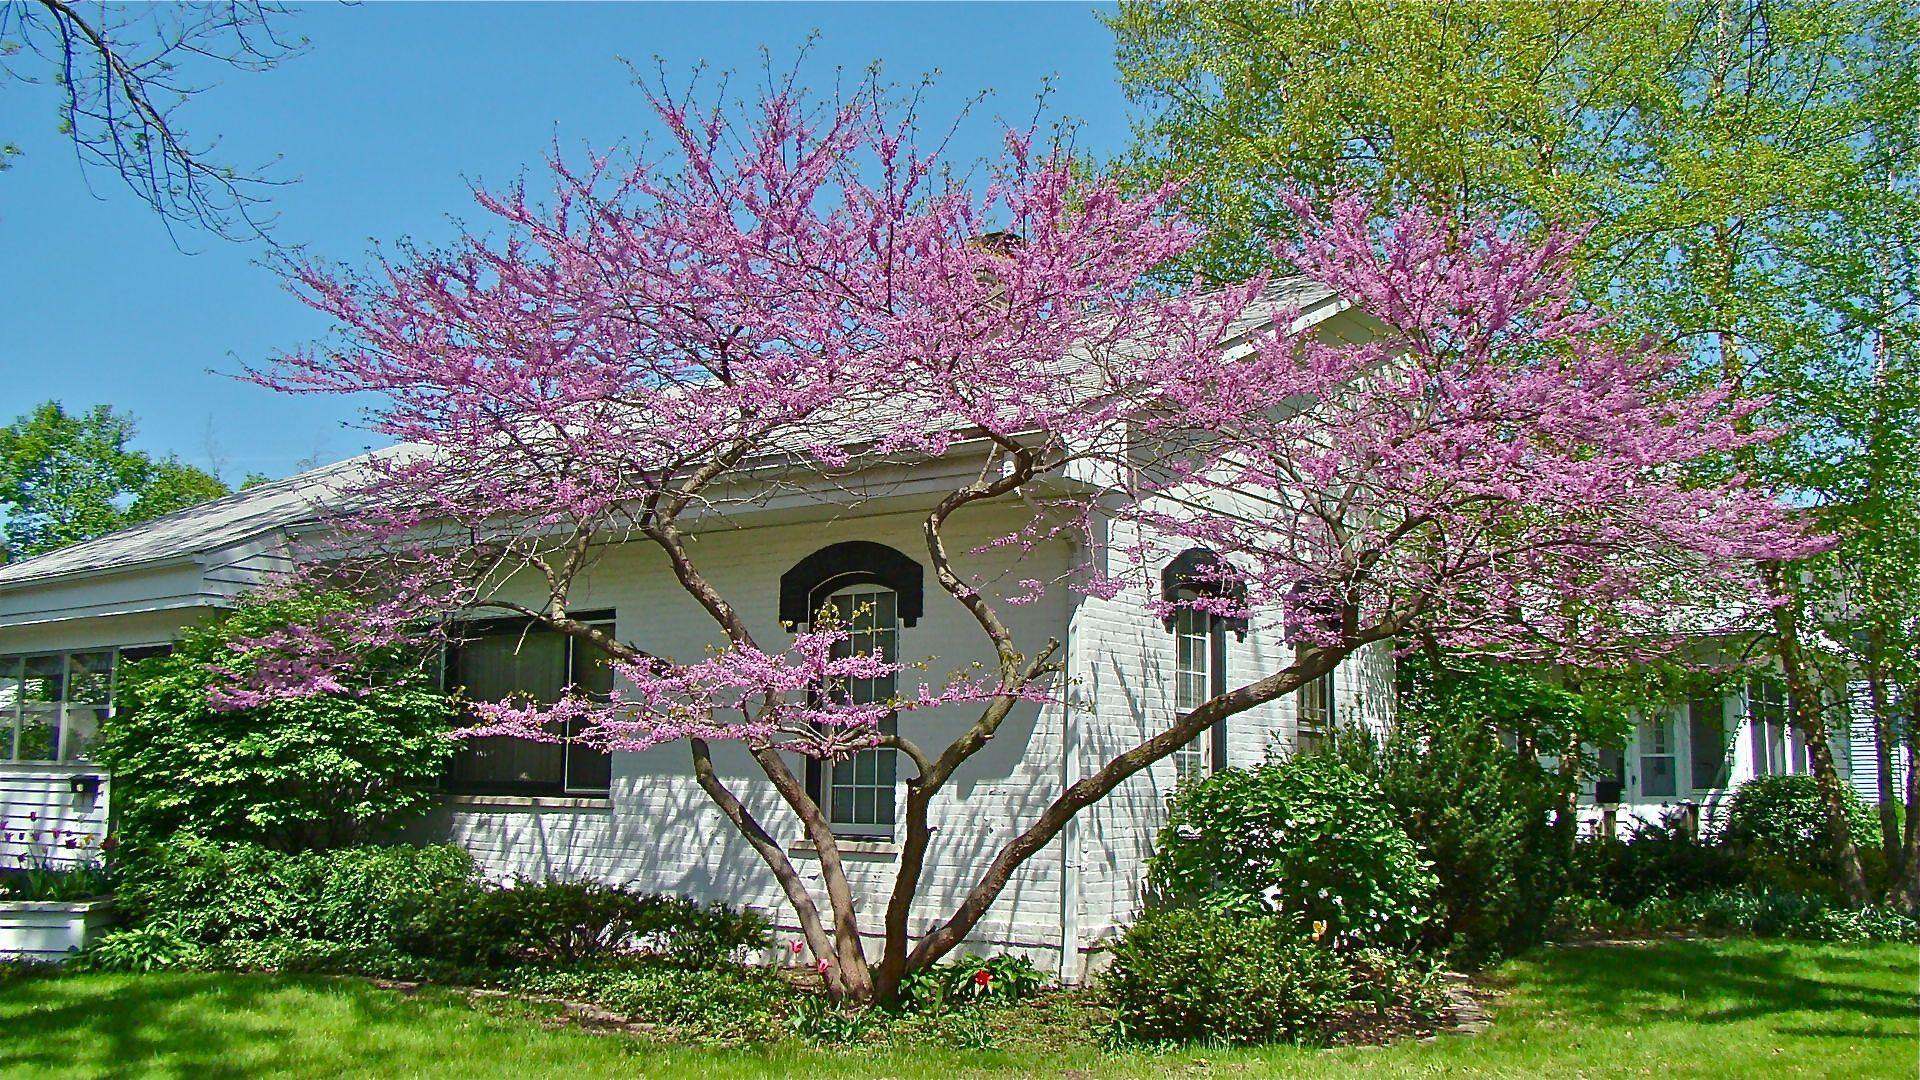 Debe ser (casi) la primavera: Los árboles coloridos están floreciendo | El Seattle Times